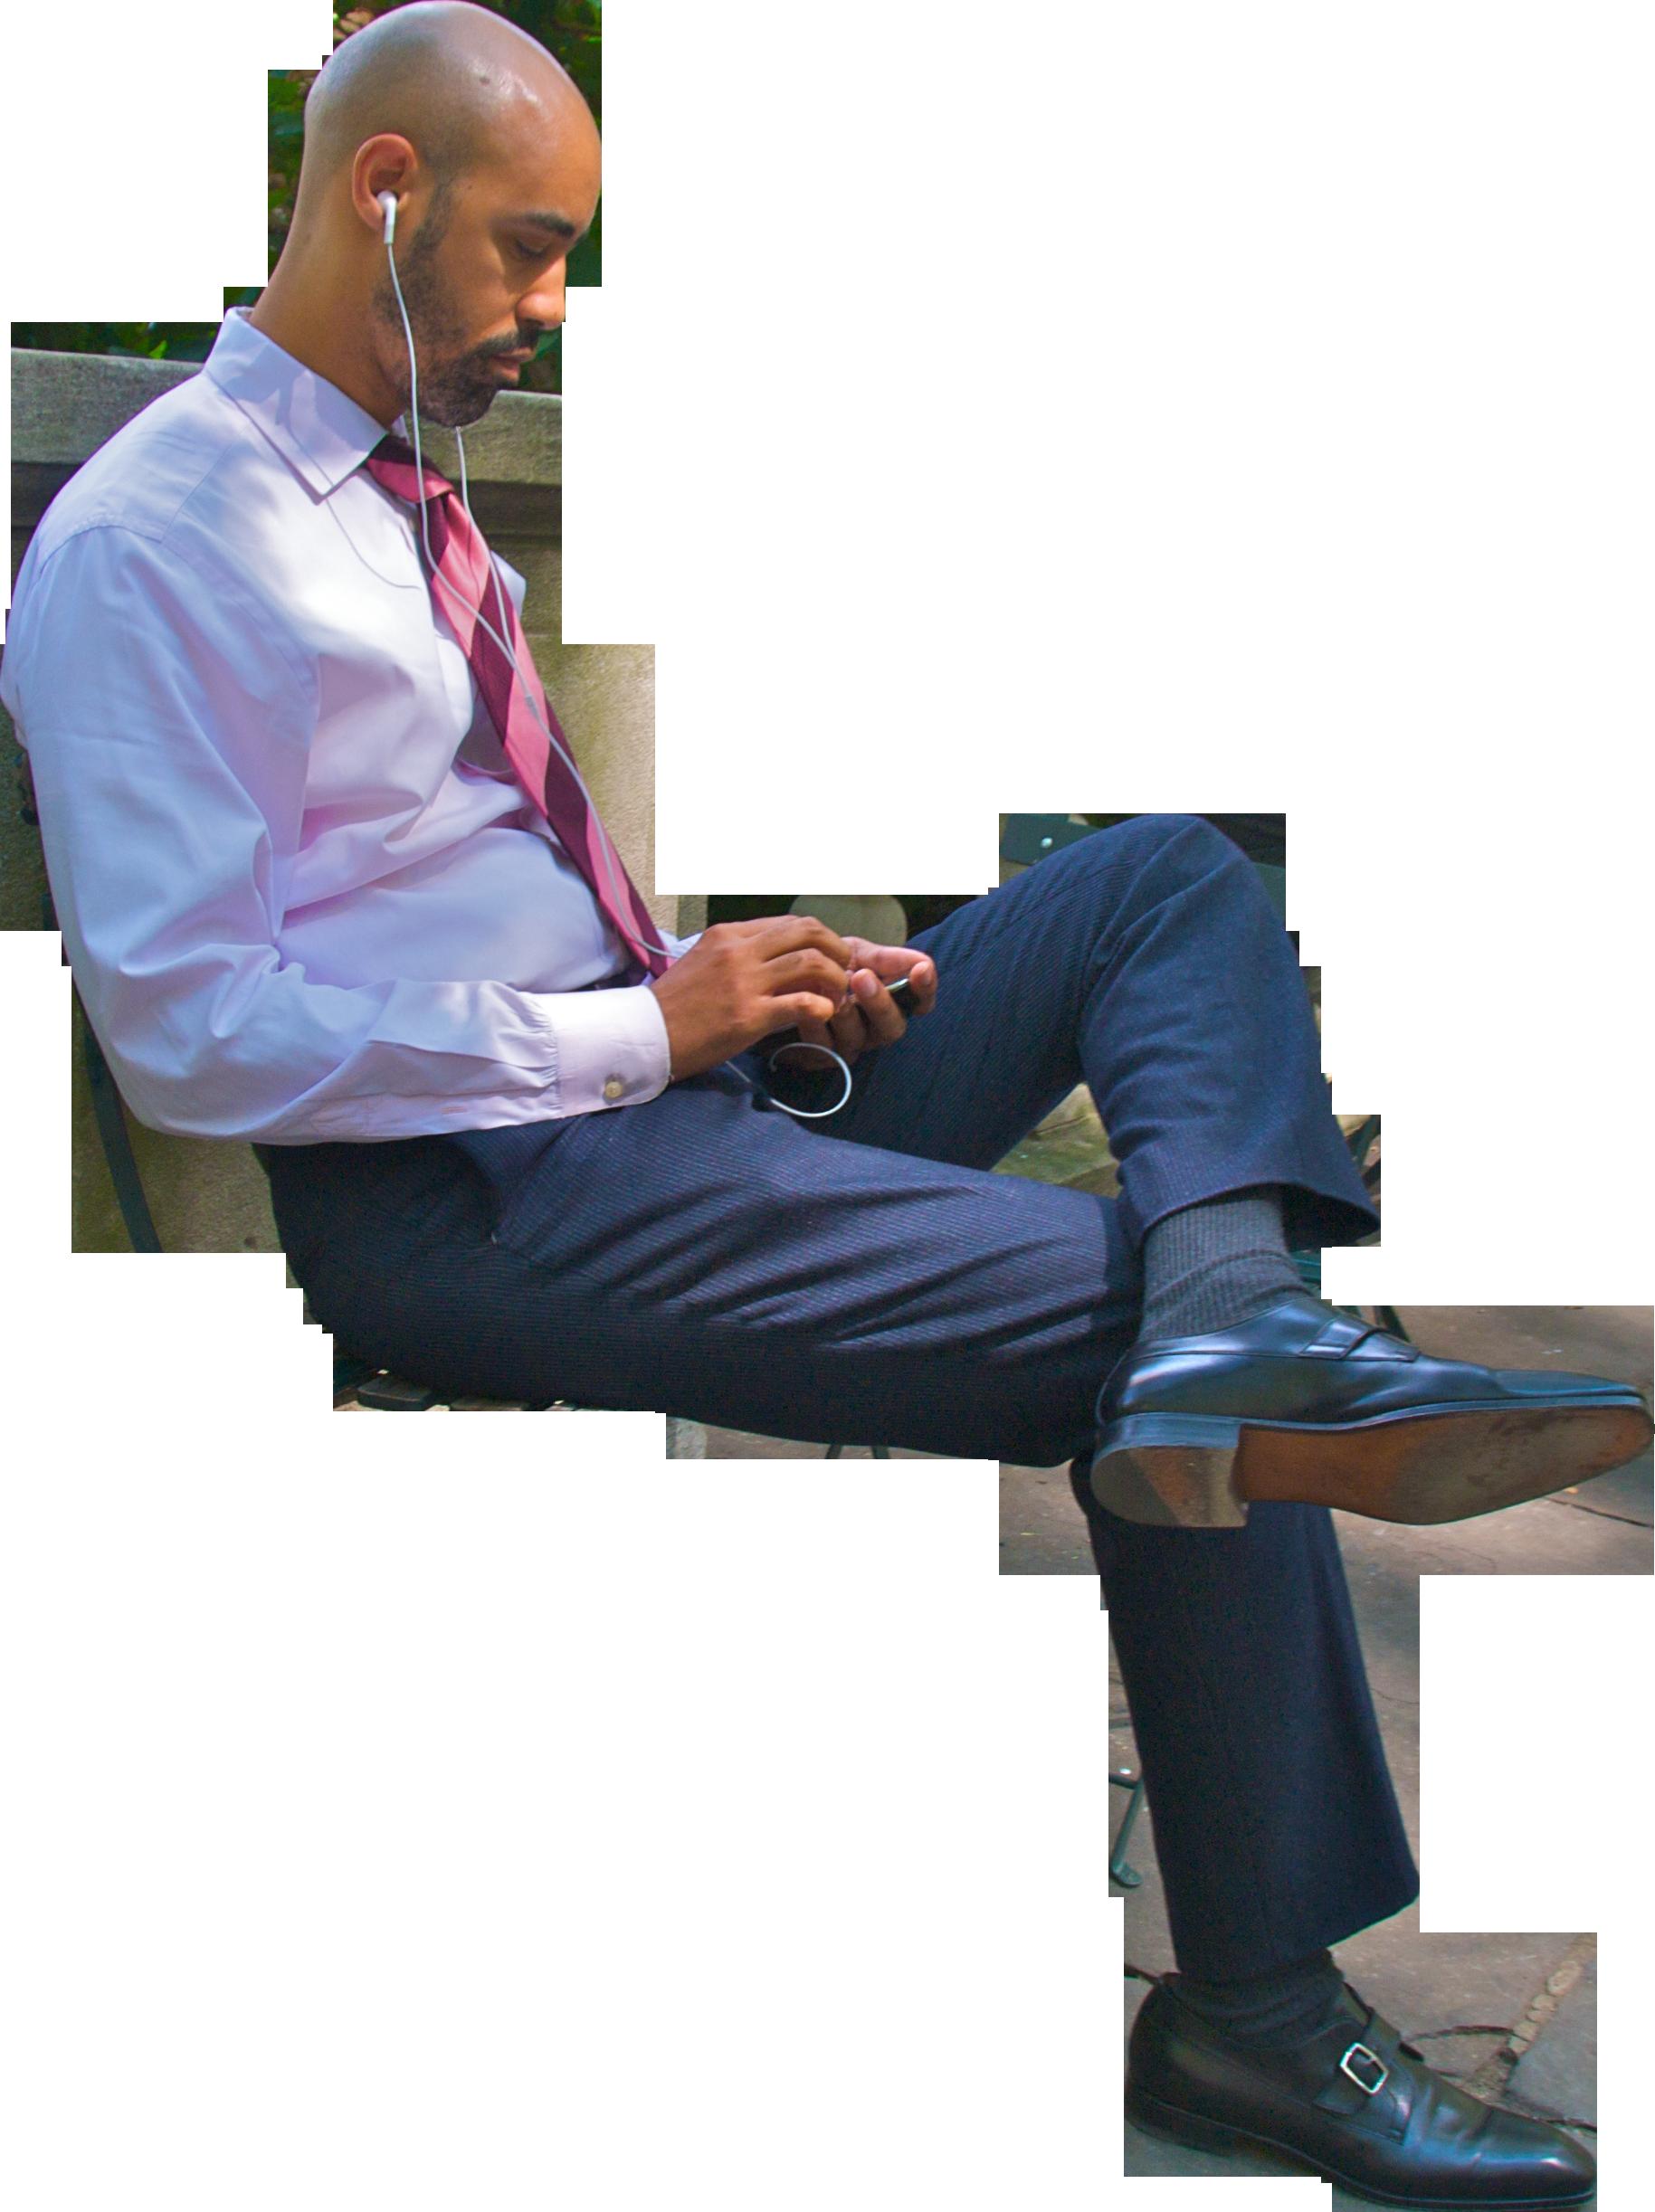 Sitting Man PNG Image - PurePNG | Free transparent CC0 PNG ...